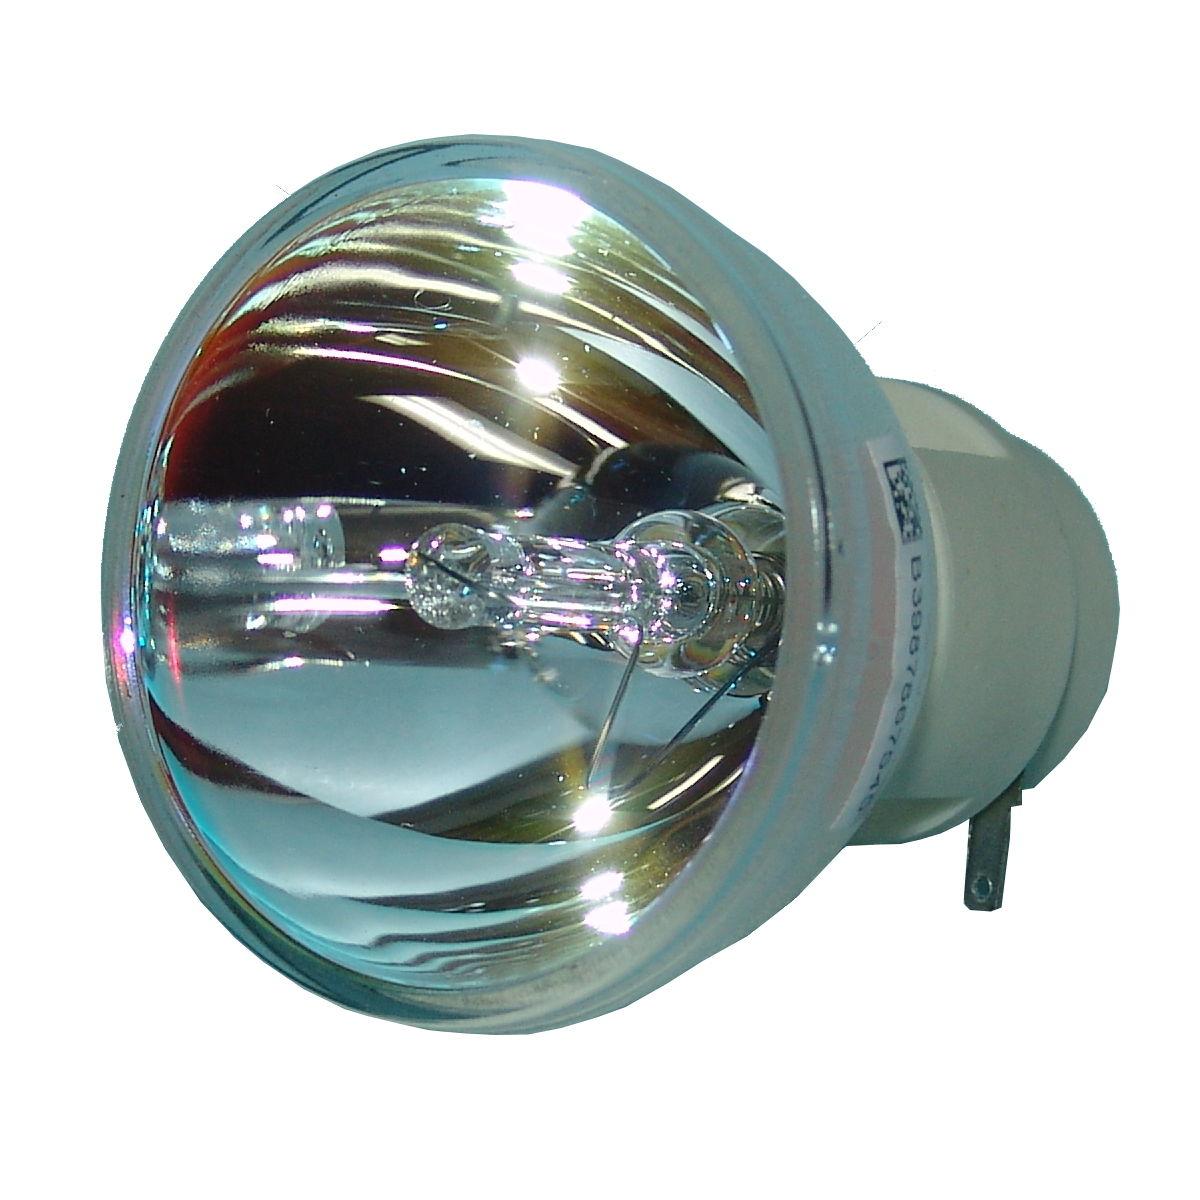 P-VIP 220/1.0 E20.8 Bulb 5811116713-SU lamp for Vivitek D853W D851 D855ST D857WT D858WTPB D856STPB Projector Lamp Bulbs<br><br>Aliexpress